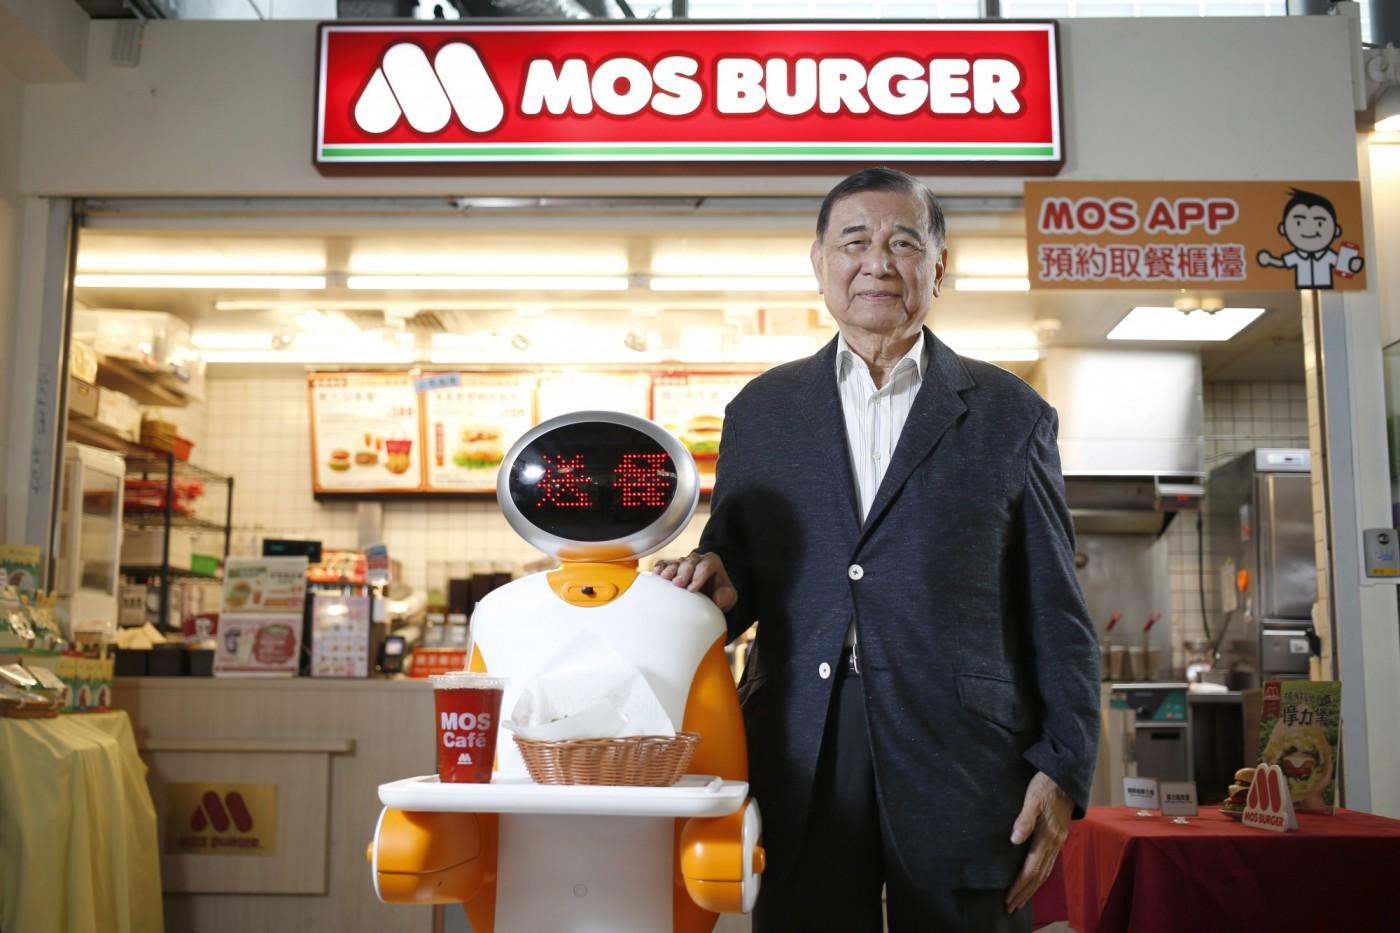 引進送餐機器人、人造肉!一個做馬達起家的外行人,如何讓摩斯更強大?